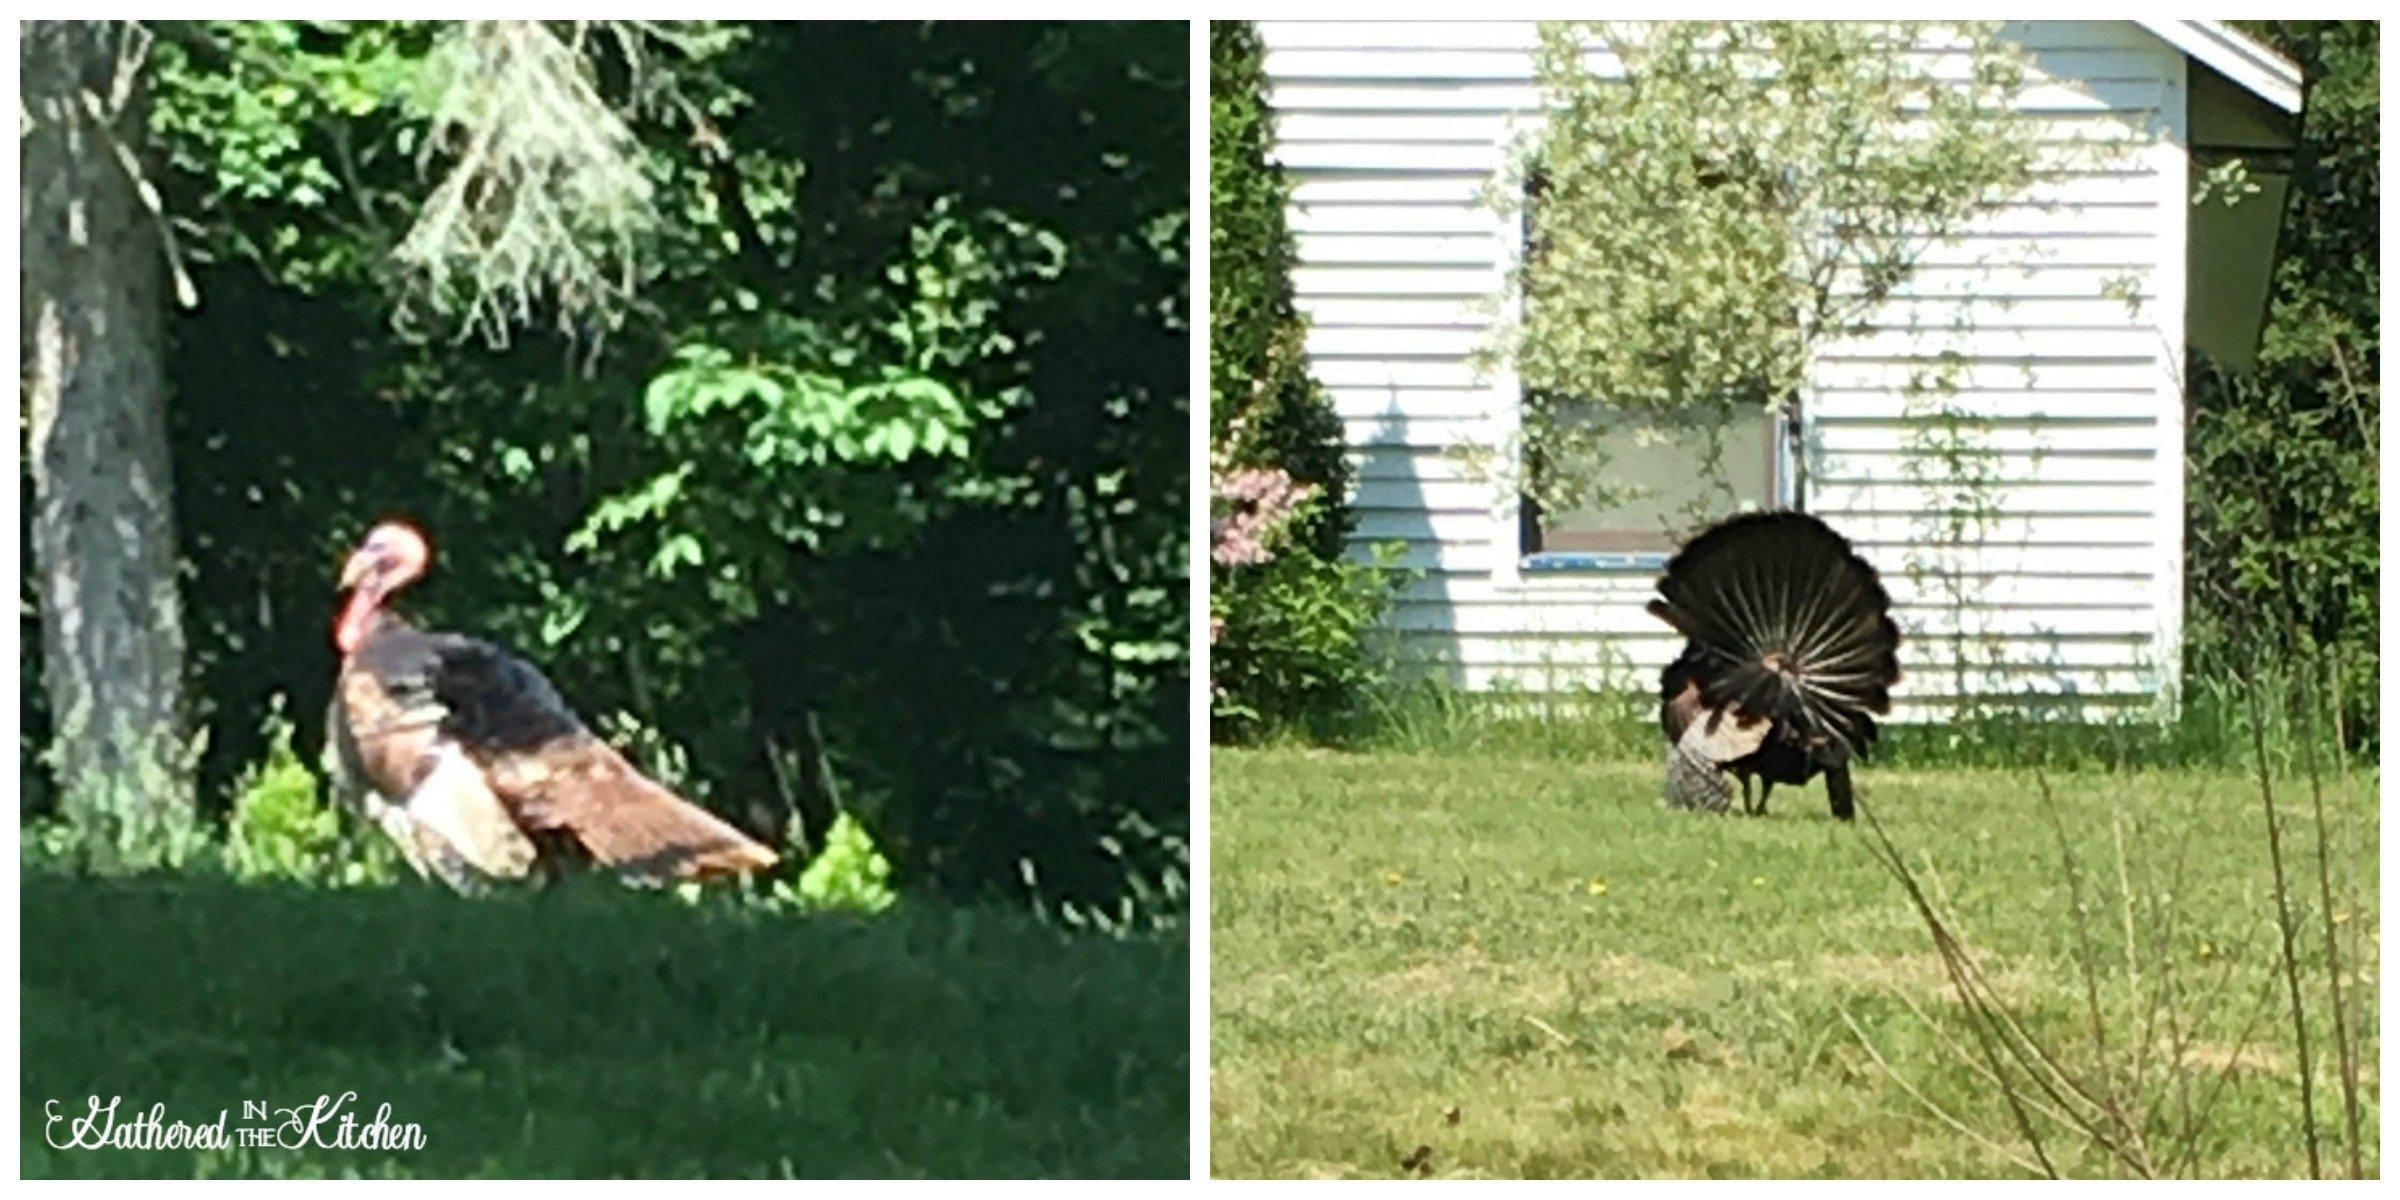 Wild Turkeys in Connecticut